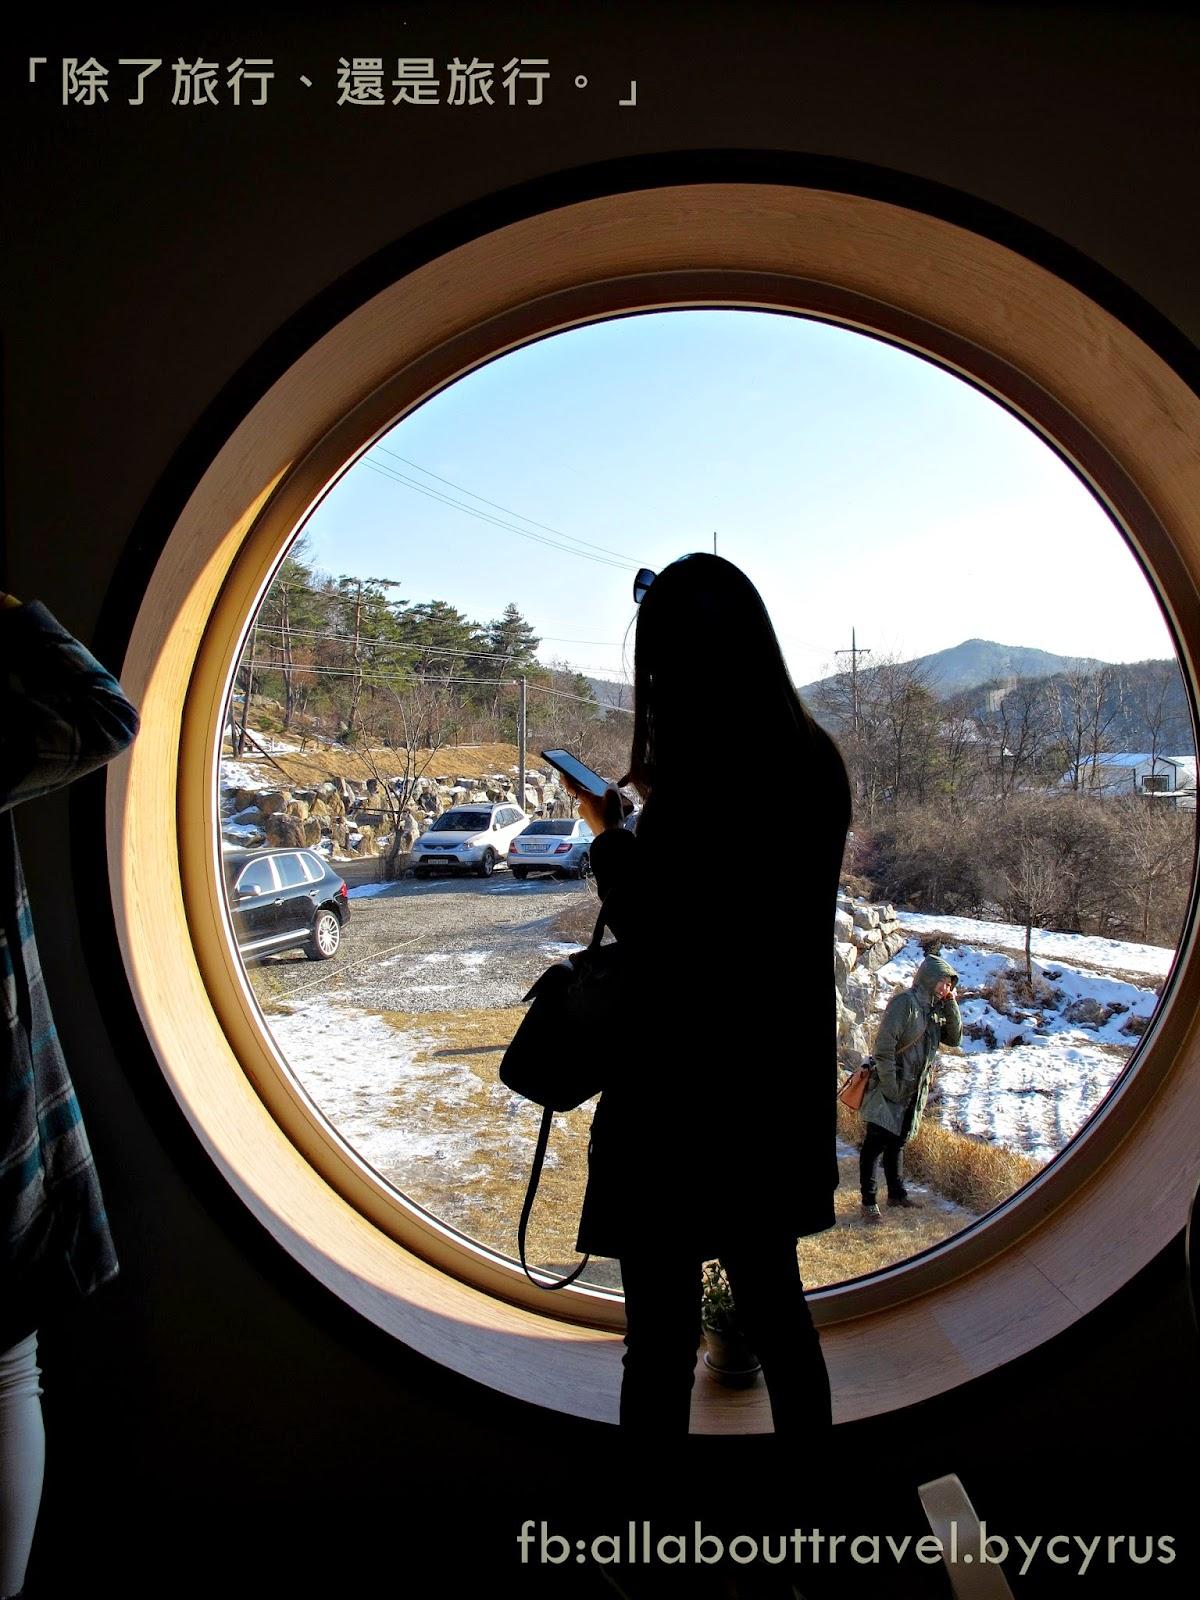 韓國自由行夢想之旅13